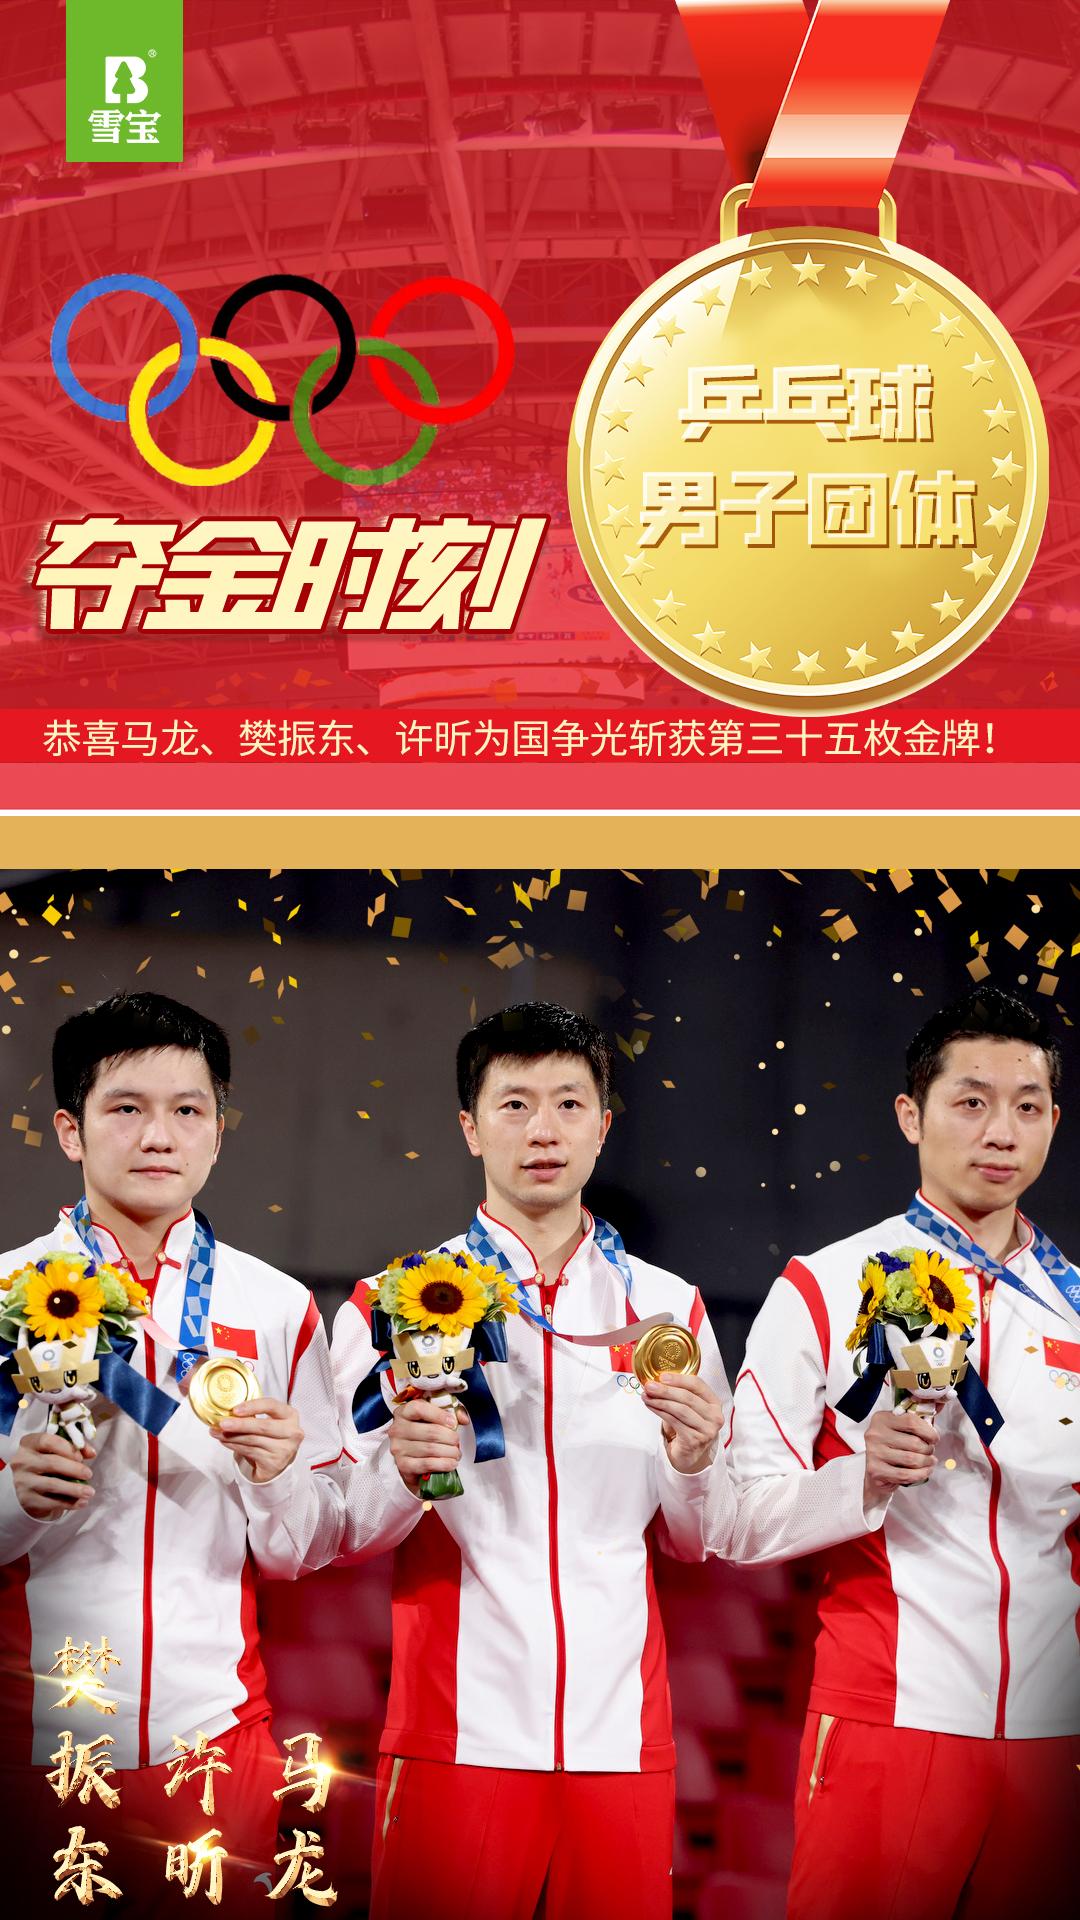 马龙、许昕、樊振东乒乓球男子团体夺冠